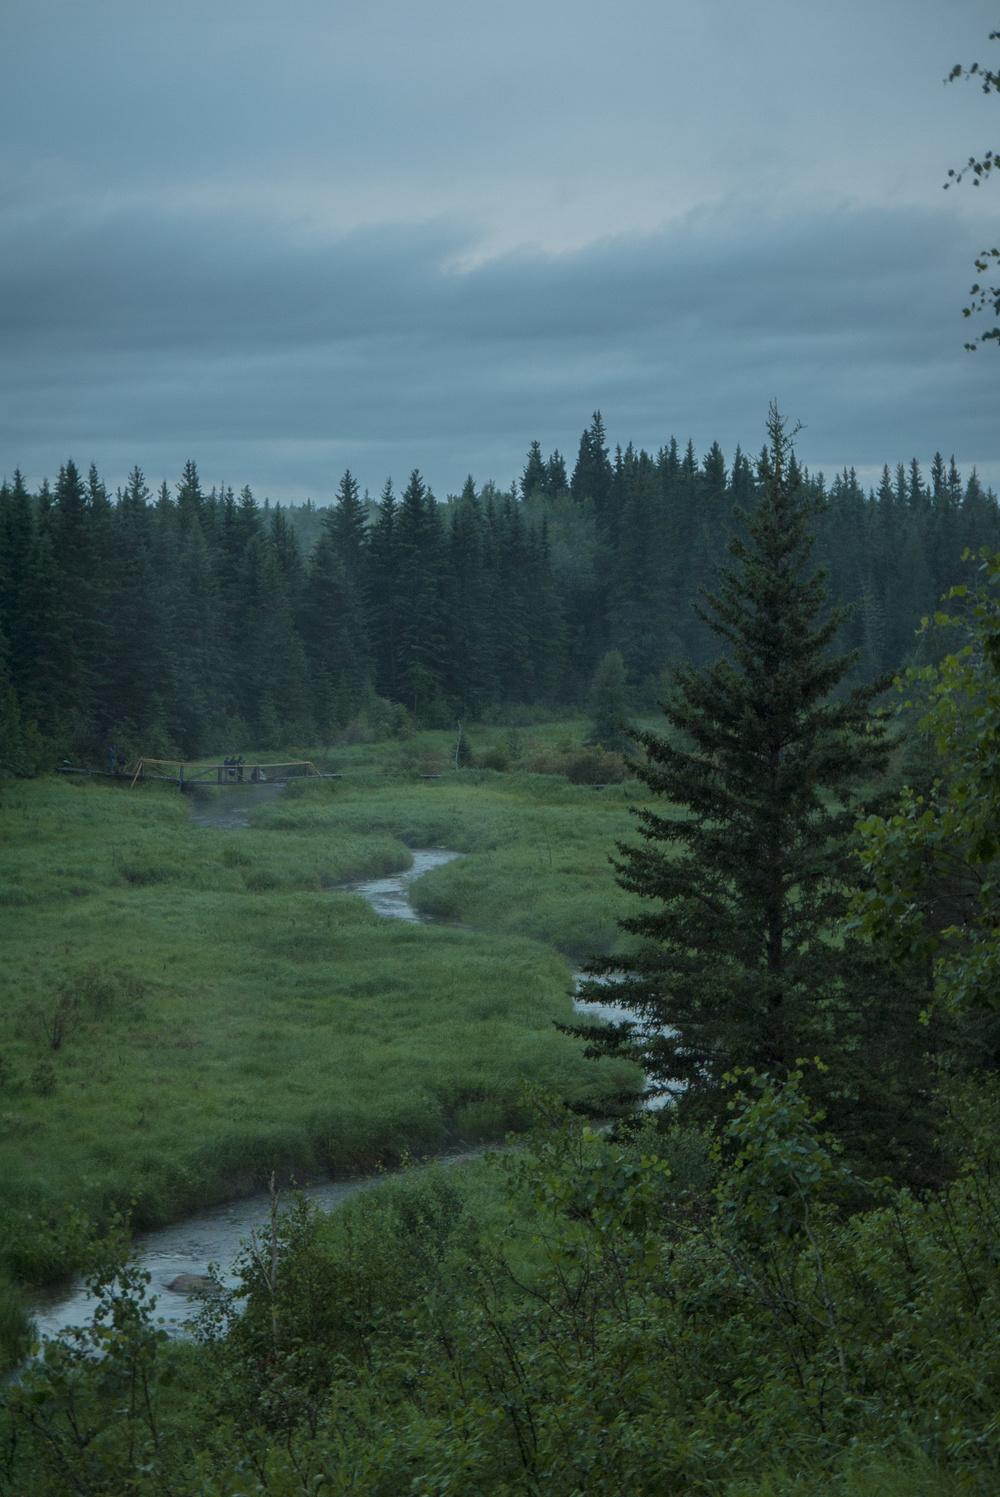 A cloudy evening overlooking Ness Creek.